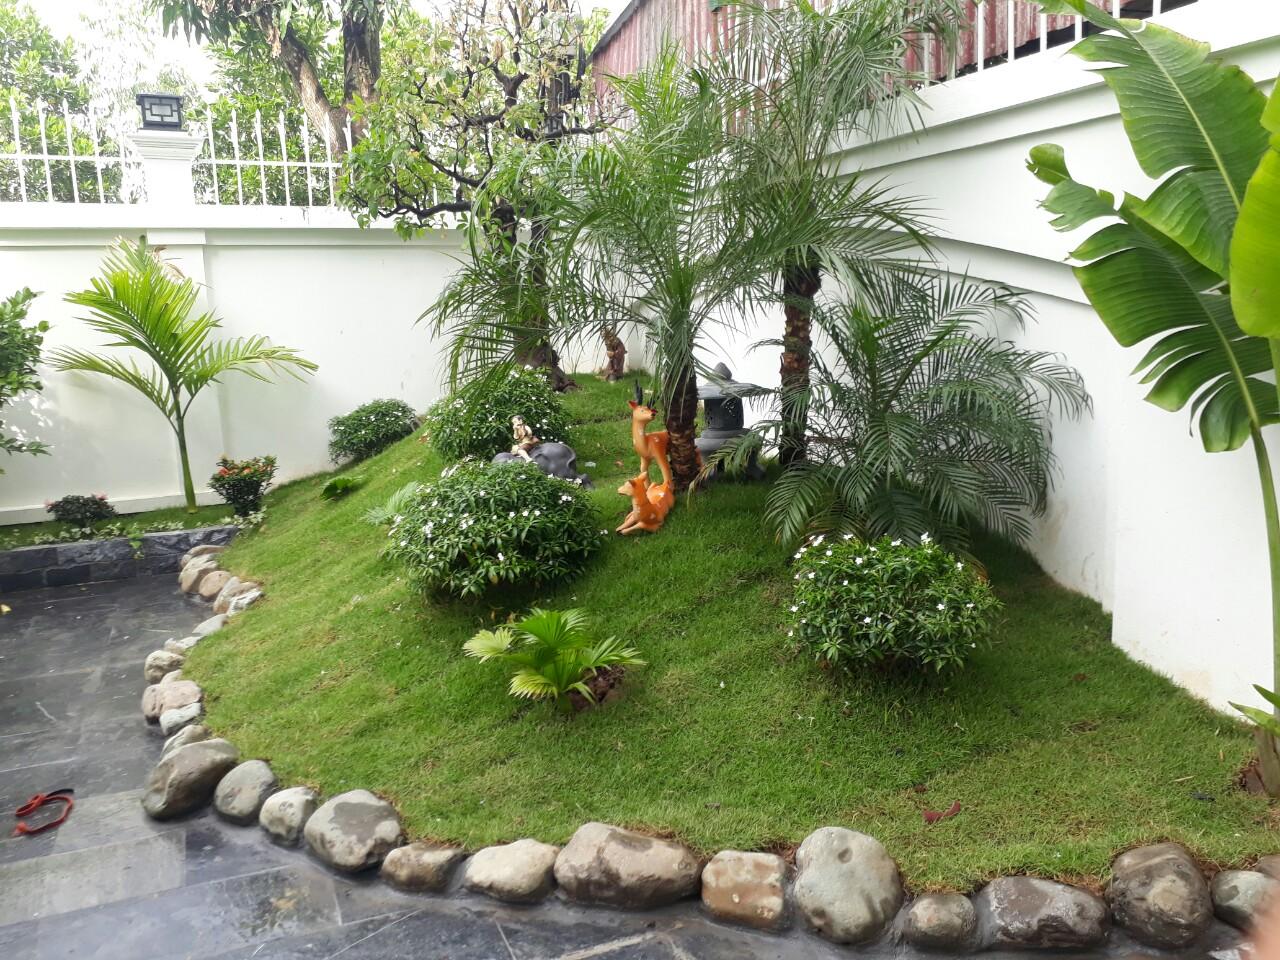 Mẫu tiểu cảnh sân vườn đẹp được yêu thích nhất hiện nay | Thiết kế thi công  nội thất nhà hàng